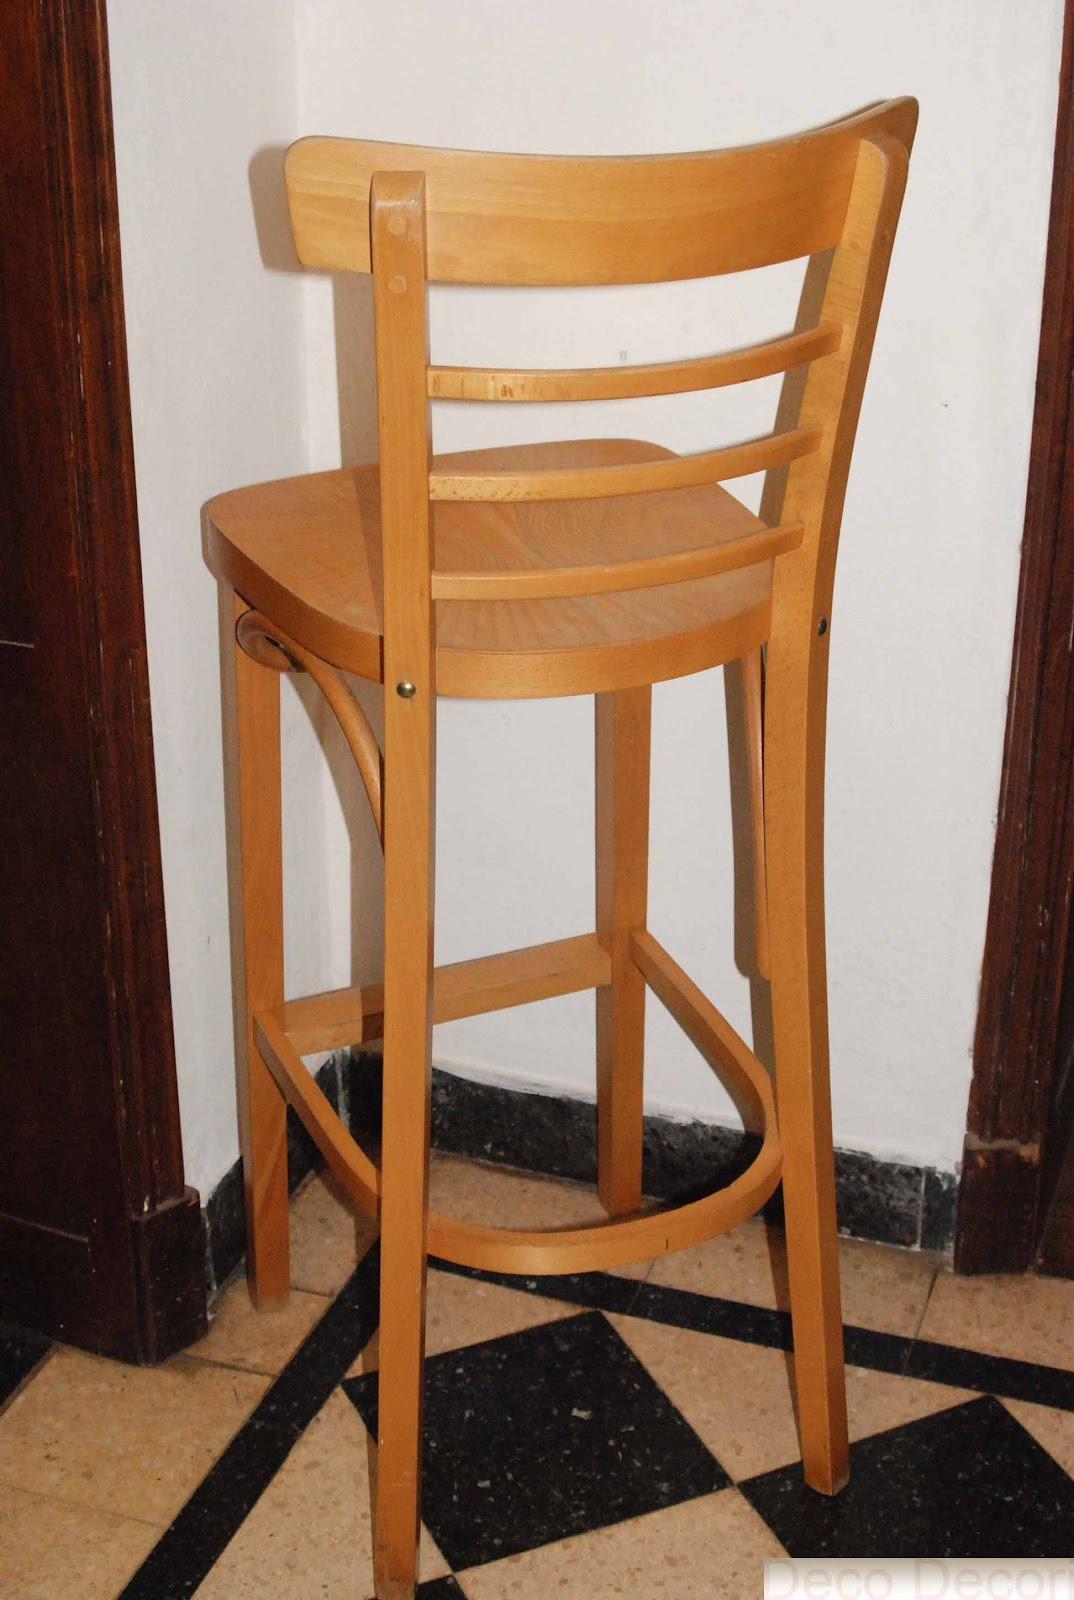 Banquetas y sillas - Banqueta de madera ...